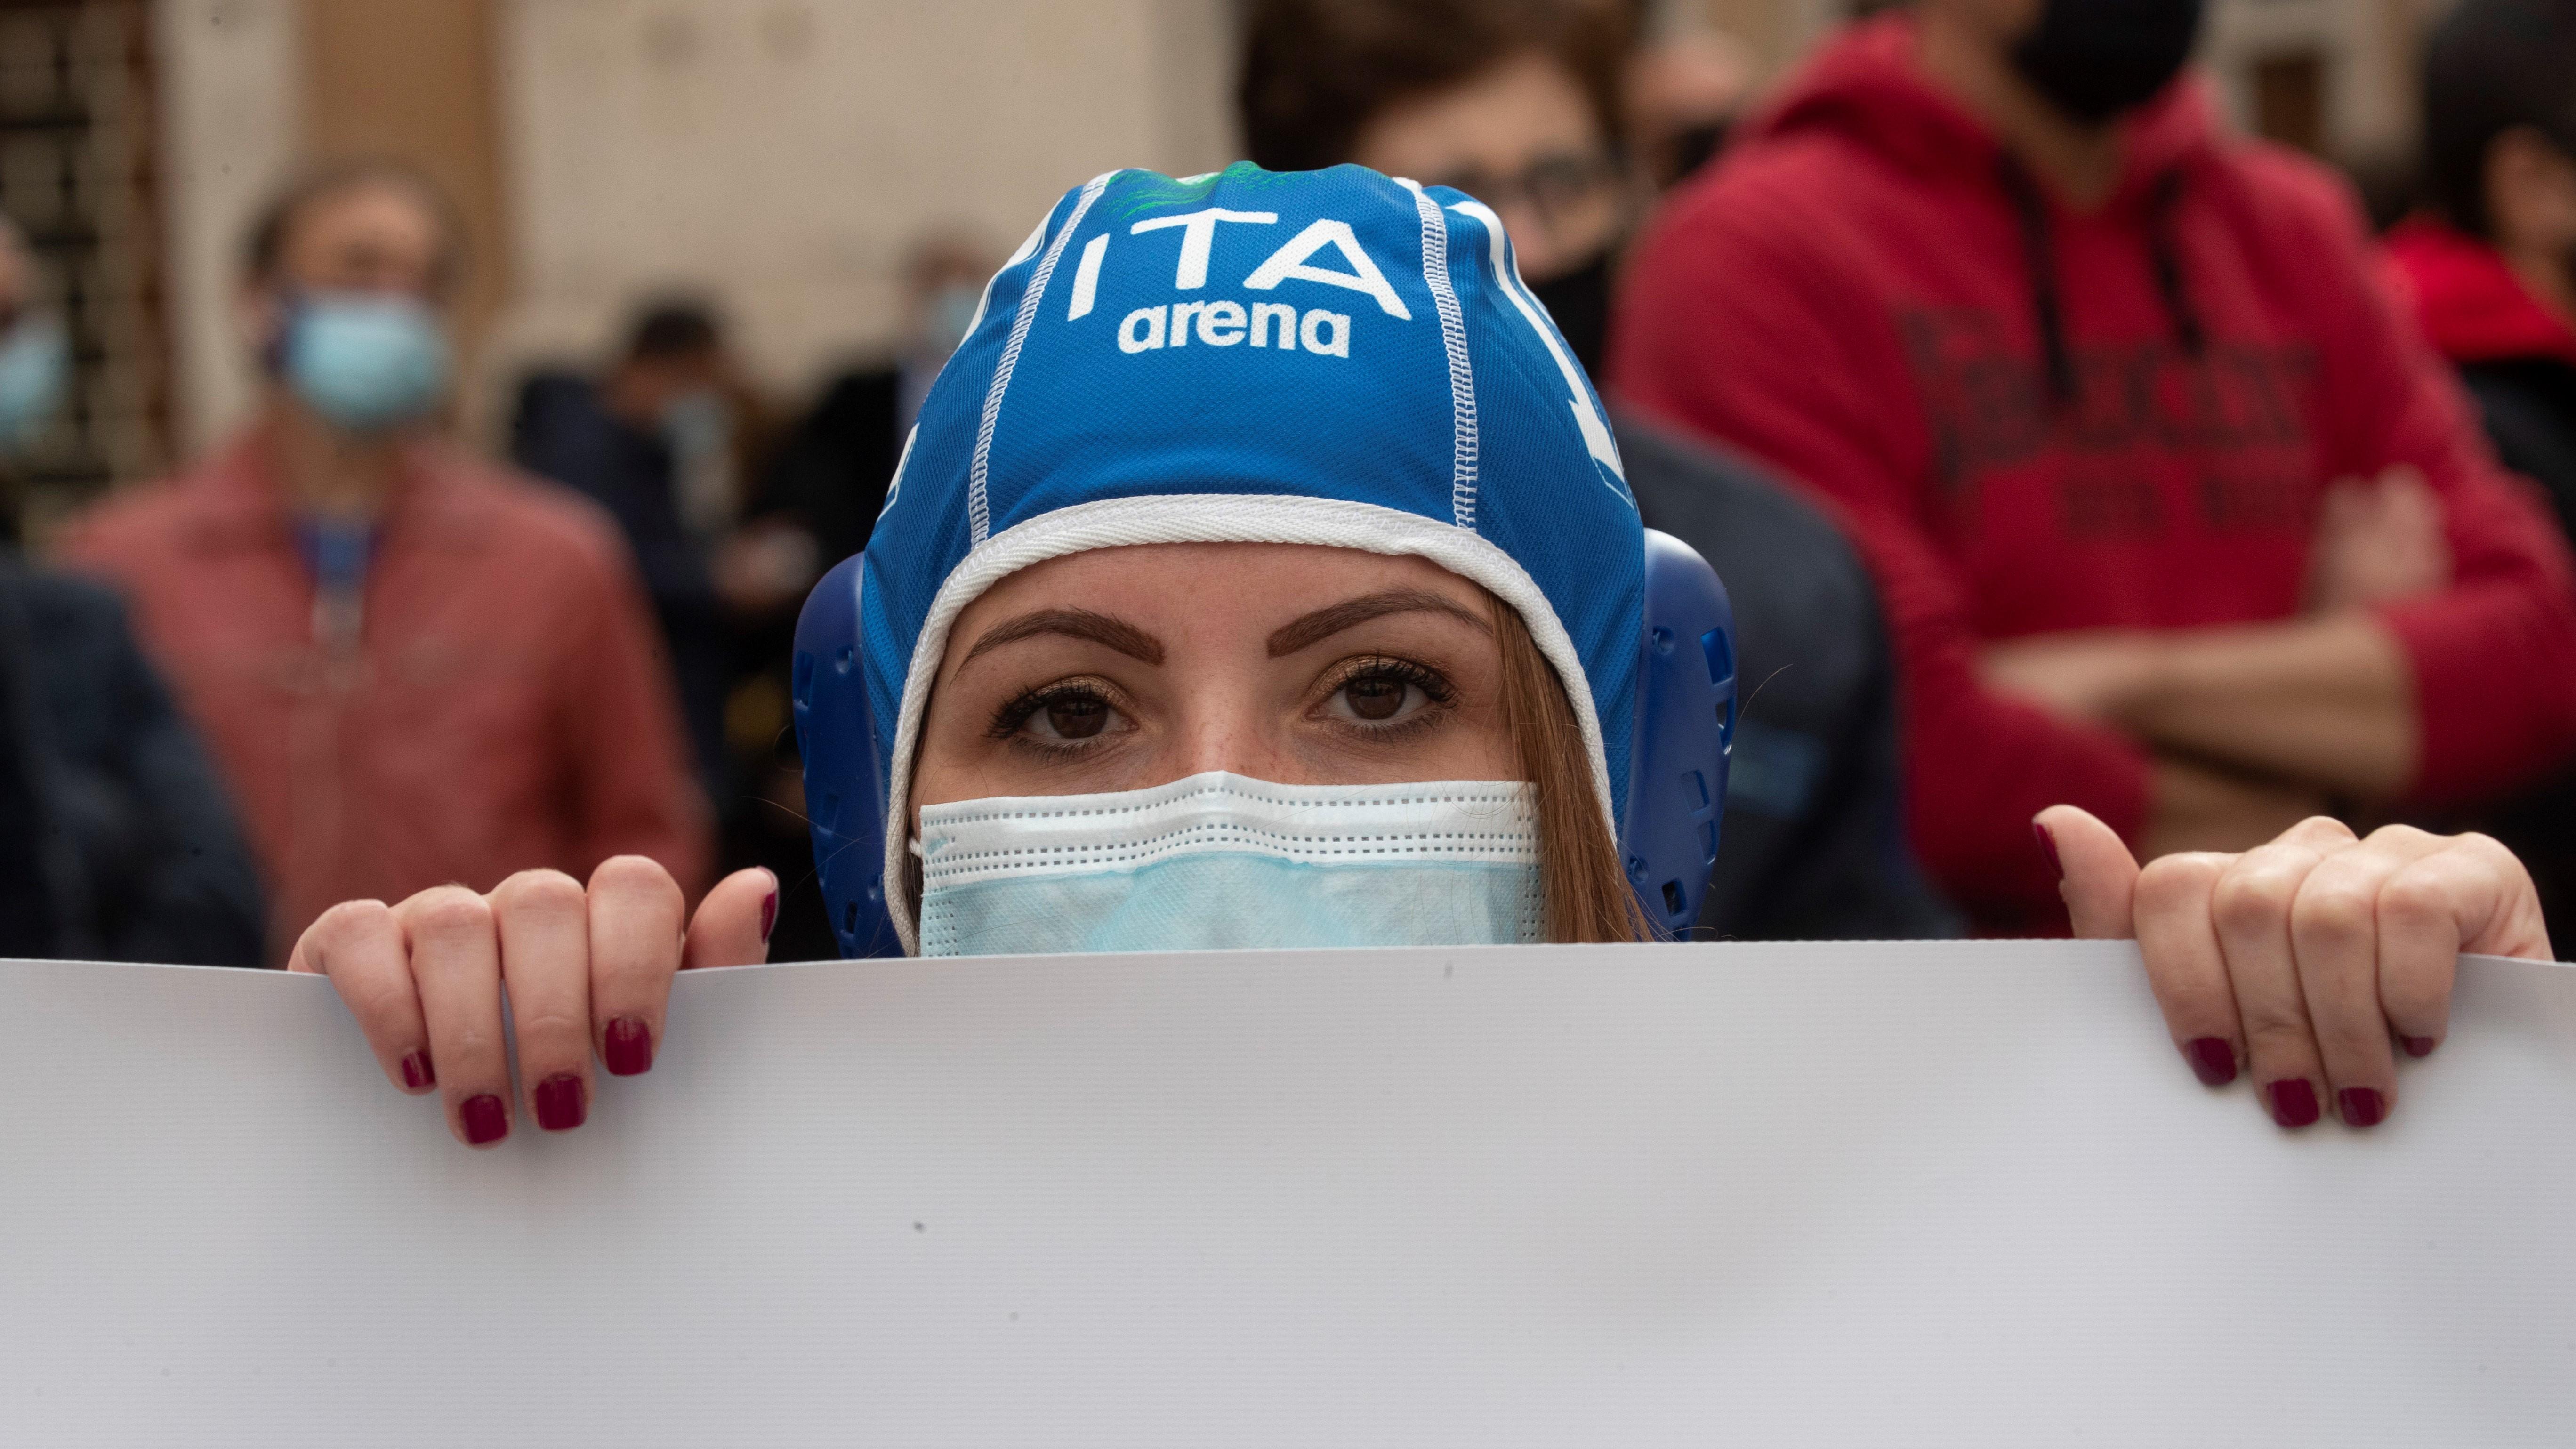 Róma, 2020. november 4.Vízilabdás sapkát és védőmaszkot viselő nő tüntet a koronavírus-járvány miatt bevezetett korlátozások ellen, amelyek része az edzőtermek és az uszodák bezárása Rómában 2020. november 4-én. (Fotó: MTI/AP/Alessandra Tarantino)